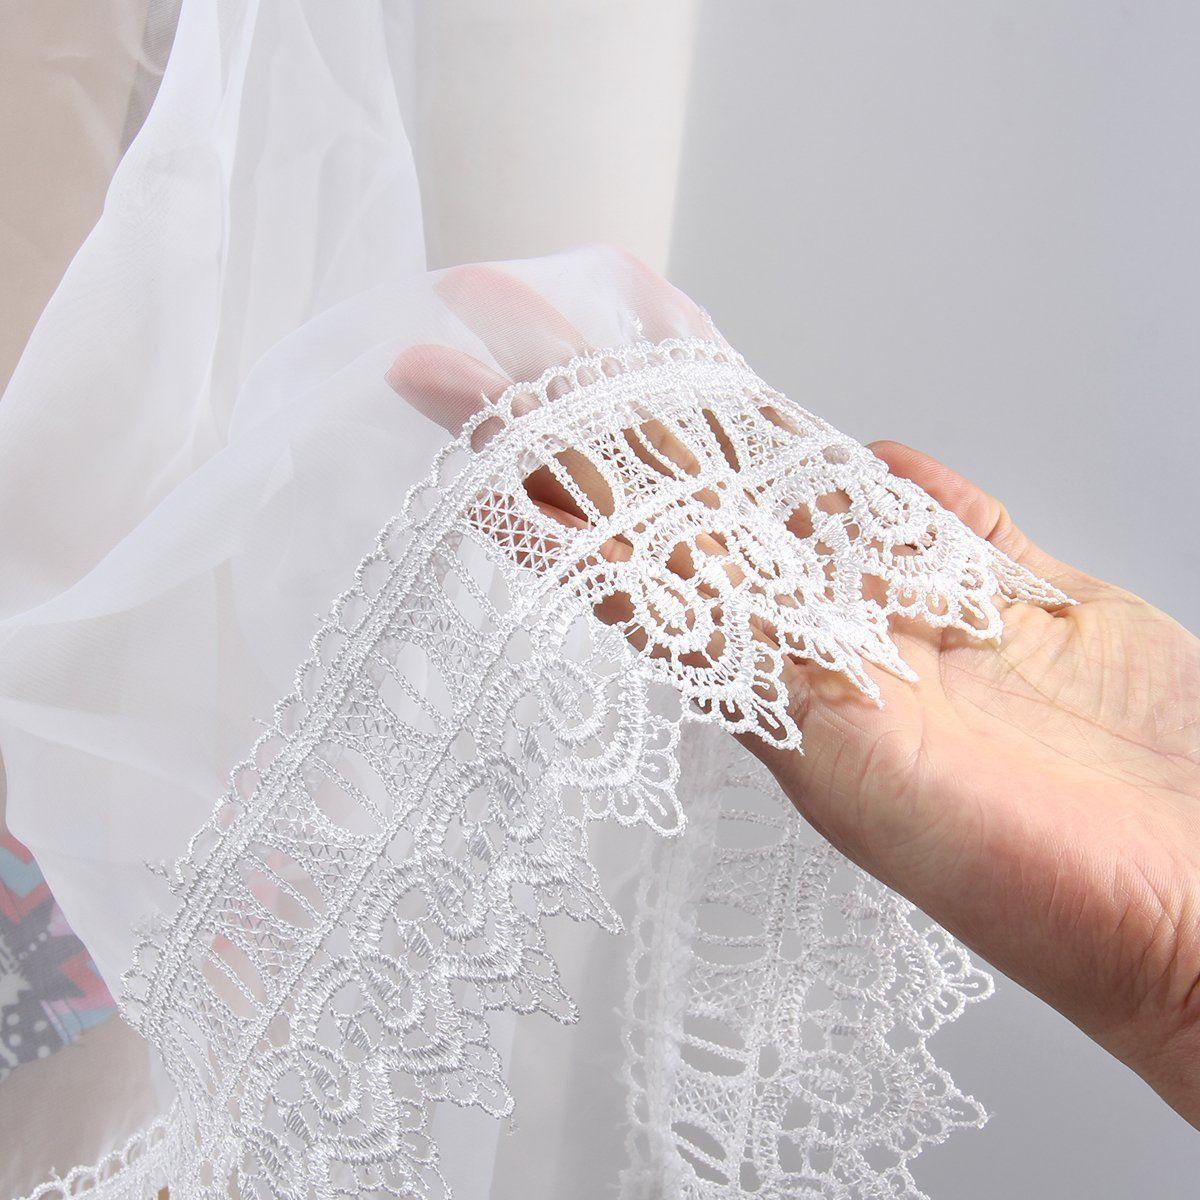 Mulheres verão maiô Sexy Lace Crochet Bikini Swimwear Cover Up vestido de praia branco em estoque envio rápido frete grátis